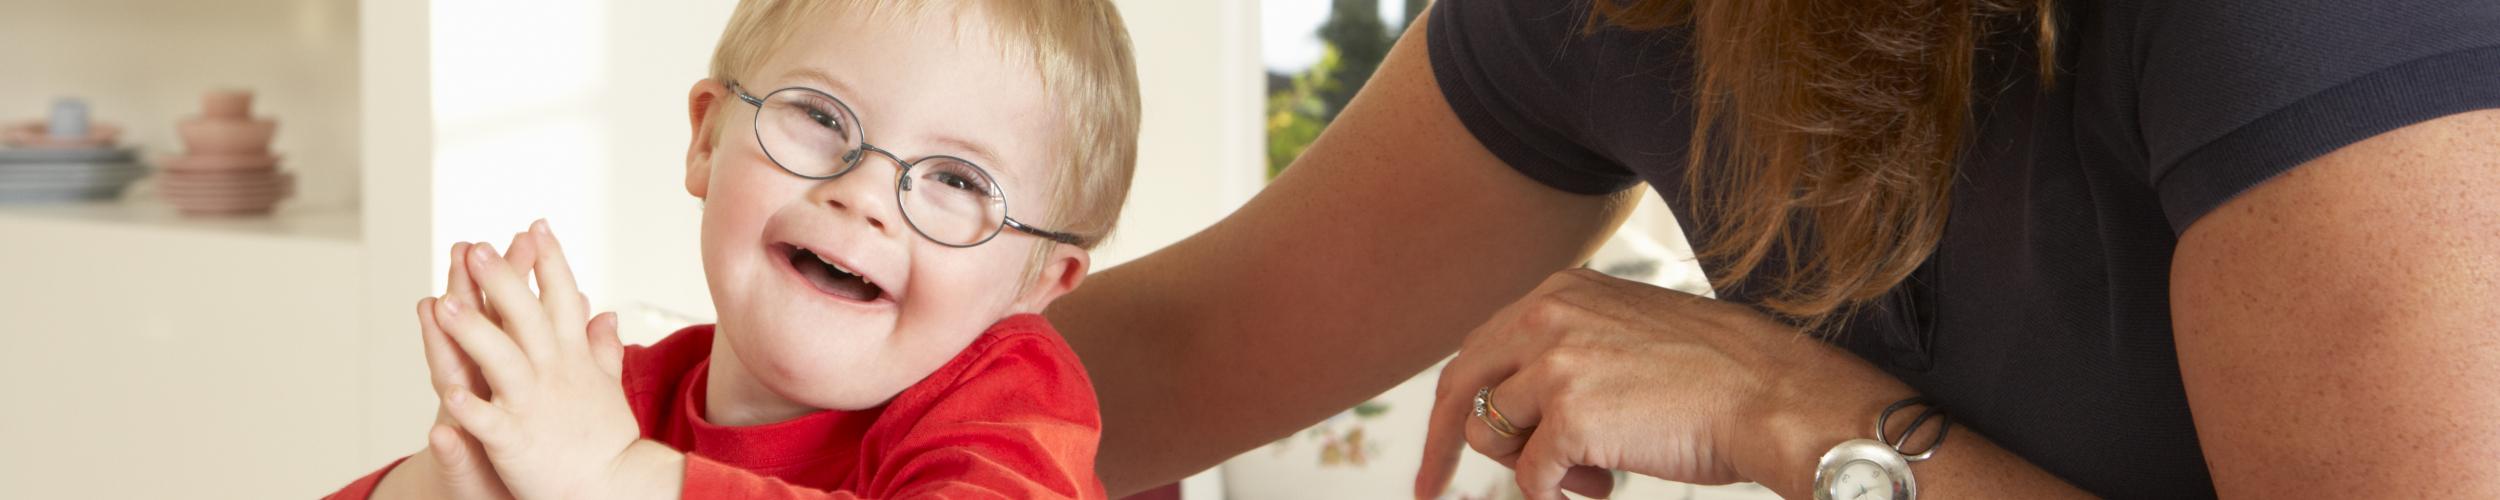 Opvang voor kind dat extra zorg nodig heeft